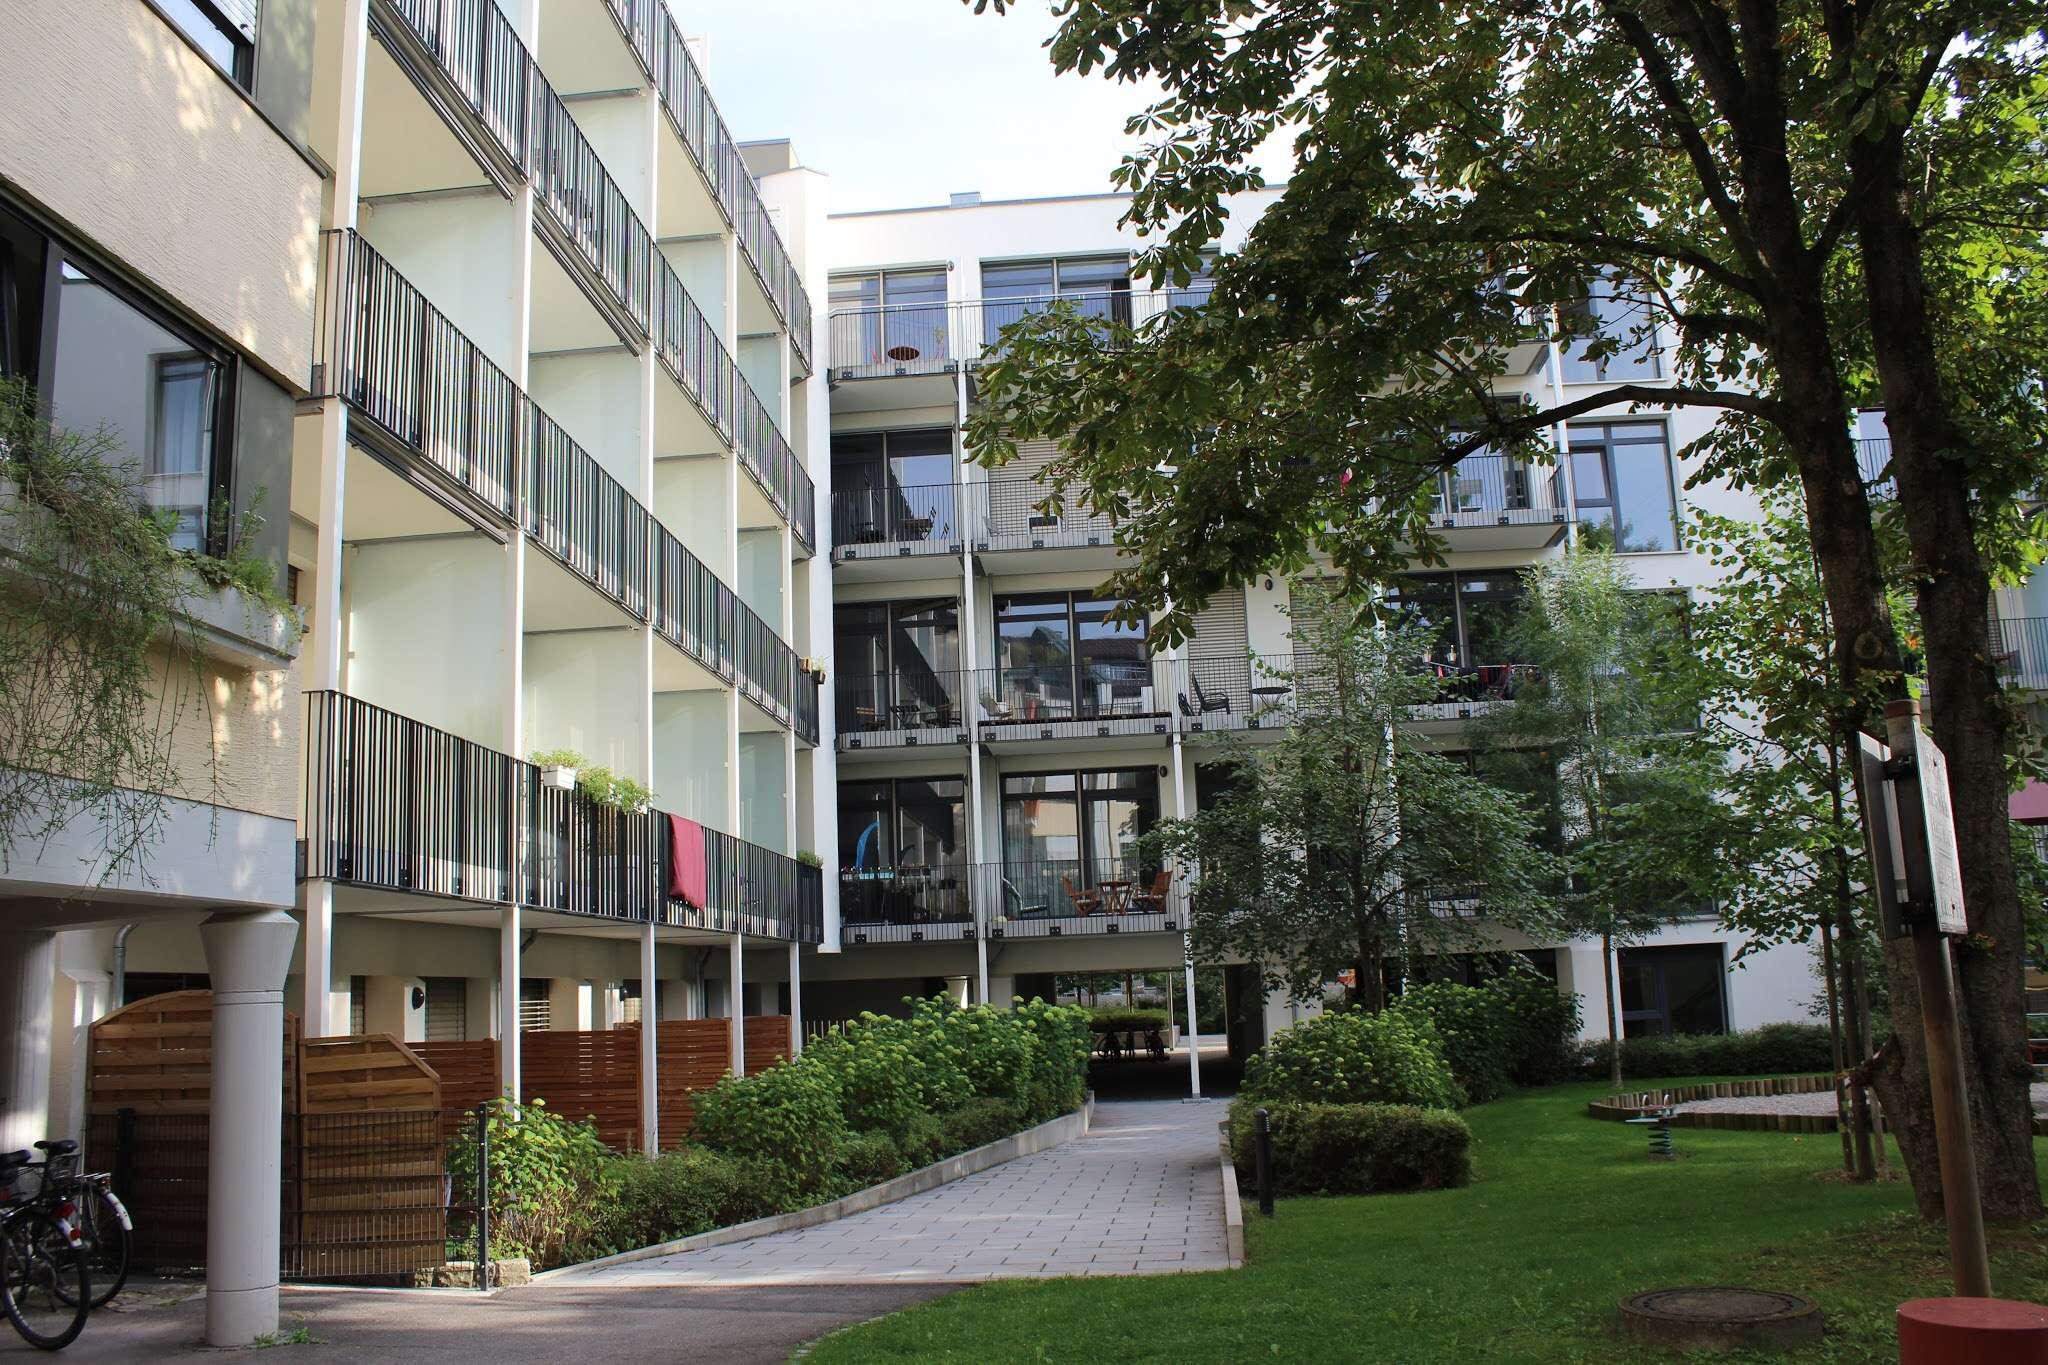 922 €, 37 m², 1 Zimmer in Bogenhausen (München)